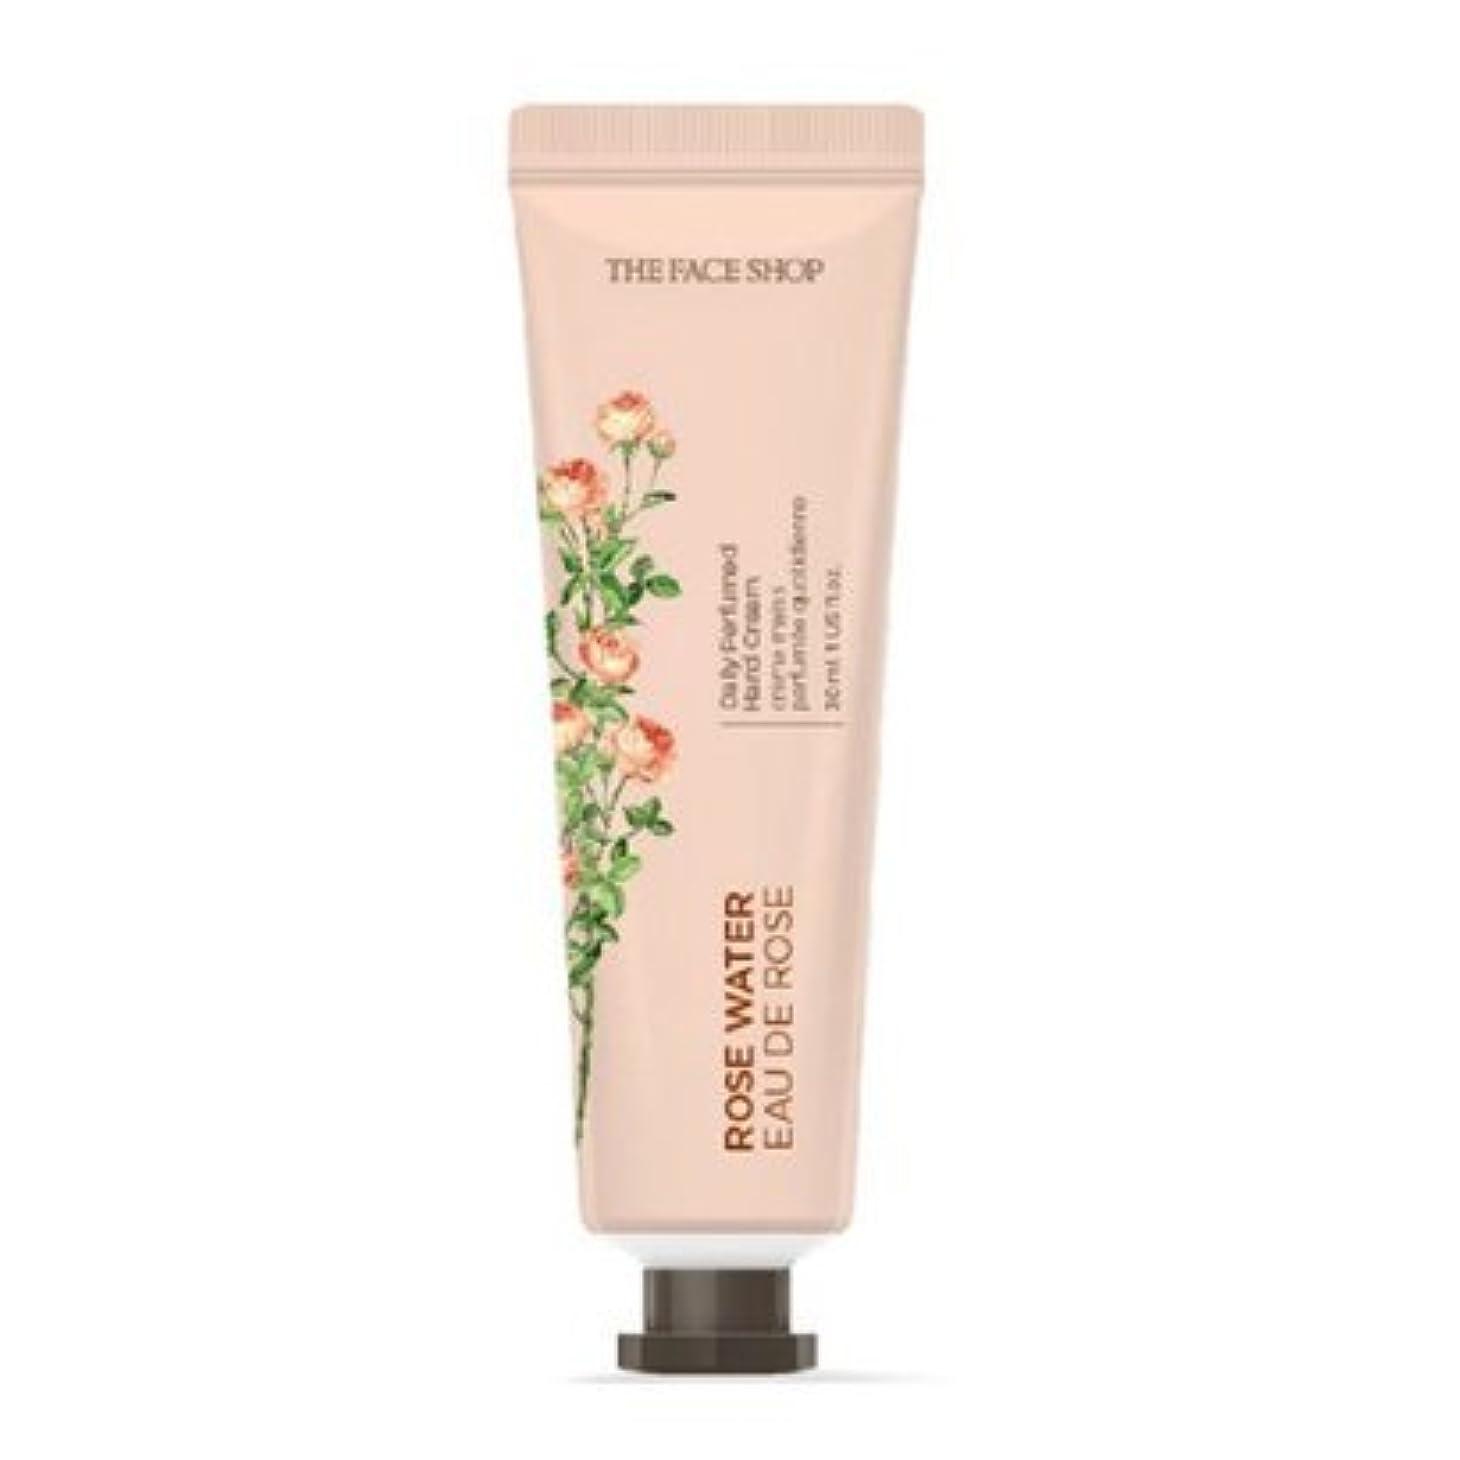 高原スリッパ被害者[1+1] THE FACE SHOP Daily Perfume Hand Cream [01.Rose Water] ザフェイスショップ デイリーパフュームハンドクリーム [01.ローズウォーター] [new] [並行輸入品]